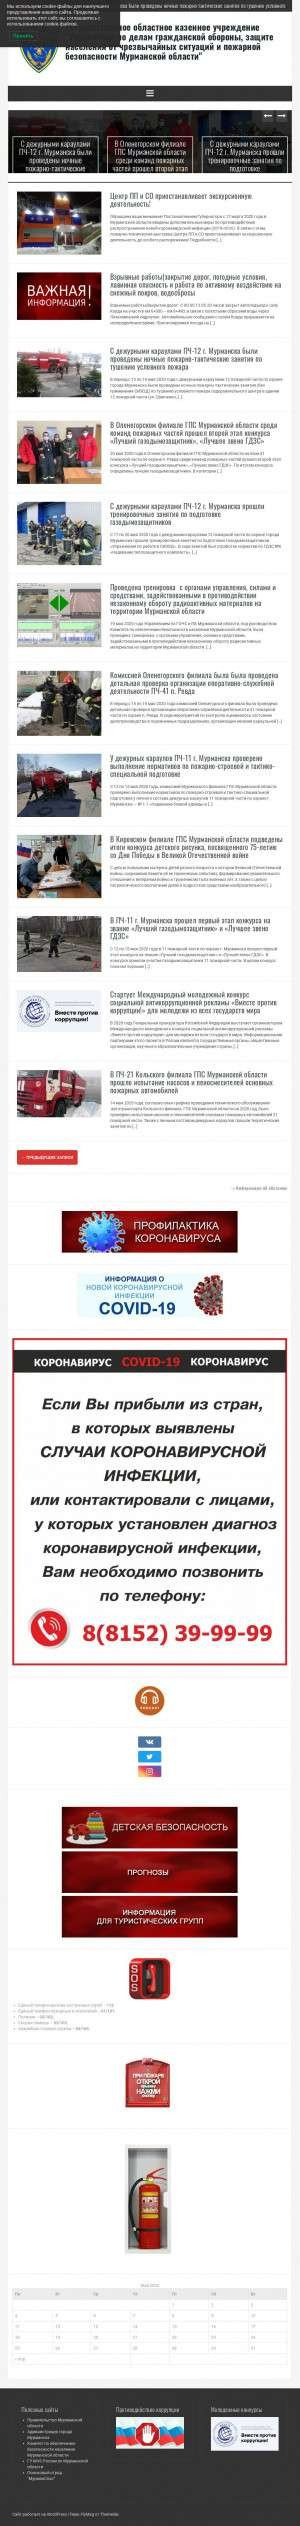 Предпросмотр для www.murman01.ru — Кировский филиал Государственной противопожарной службы Мурманской области